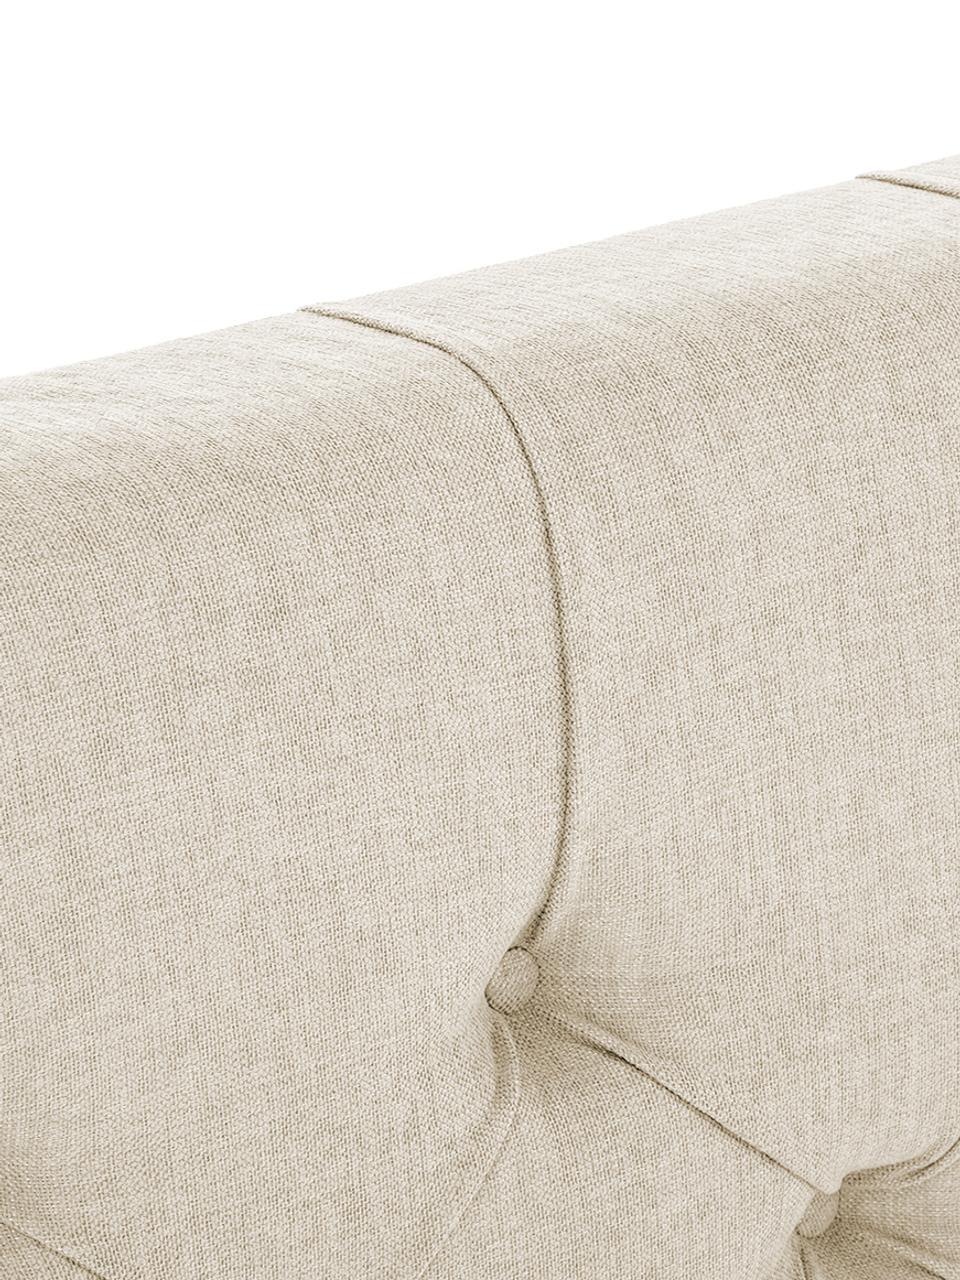 Łóżko kontynentalne premium Phoebe, Nogi: lite drewno bukowe, lakie, Beżowy, 200 x 200 cm